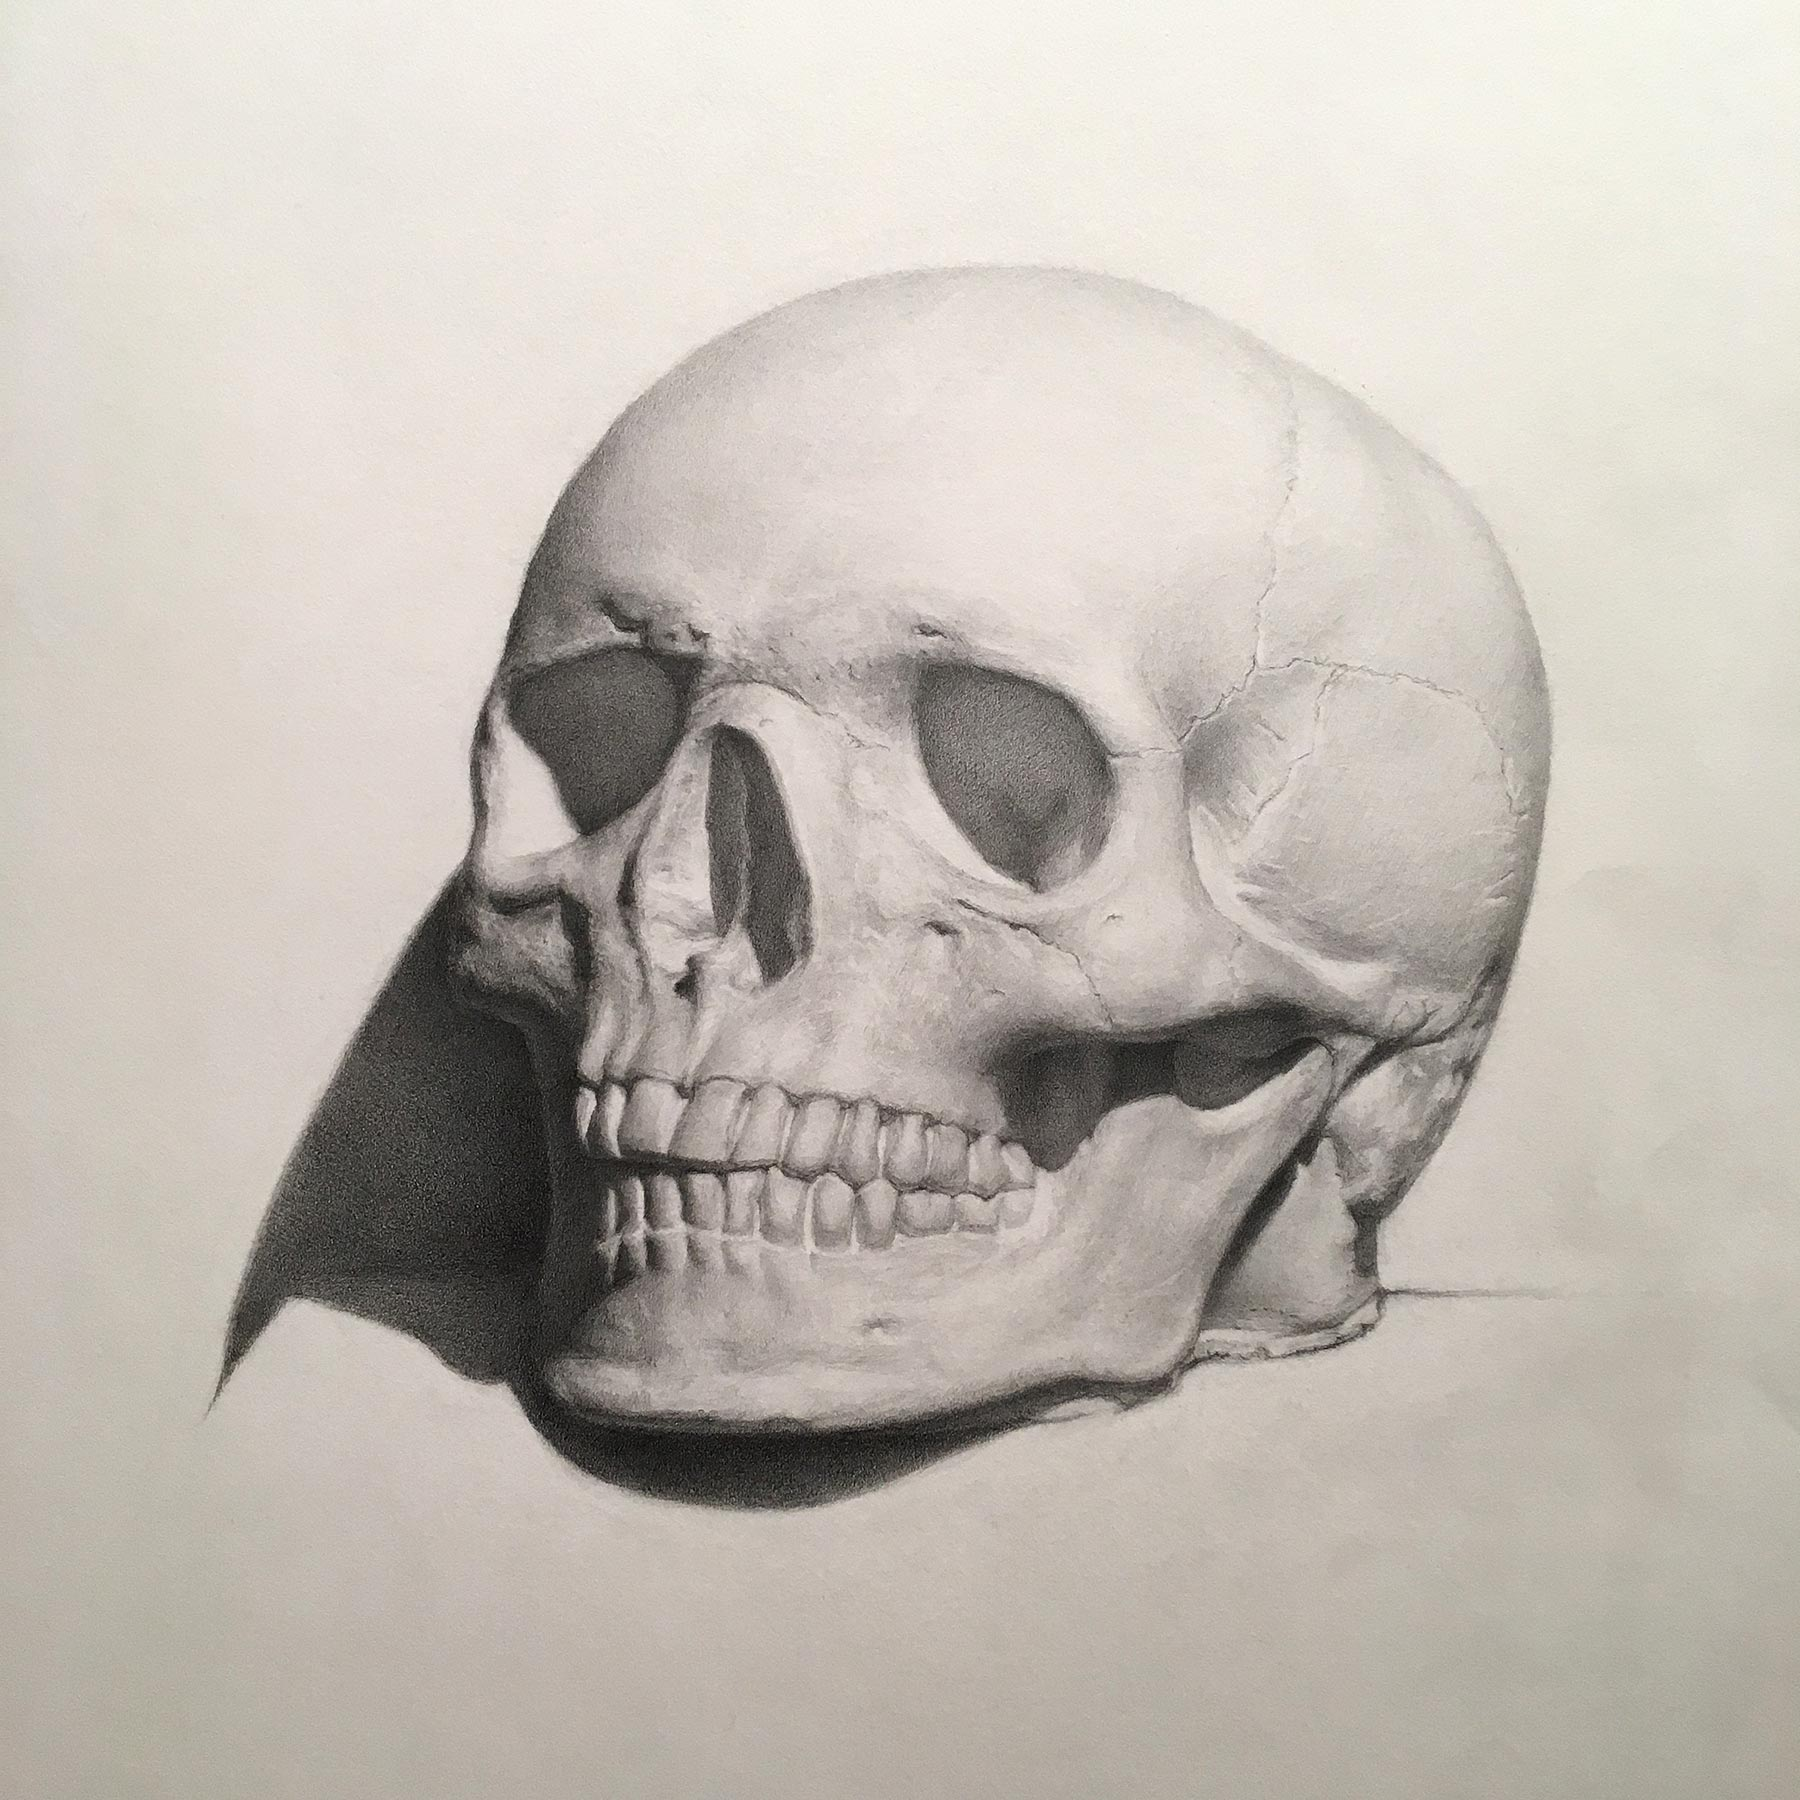 krystyna_skull.jpg